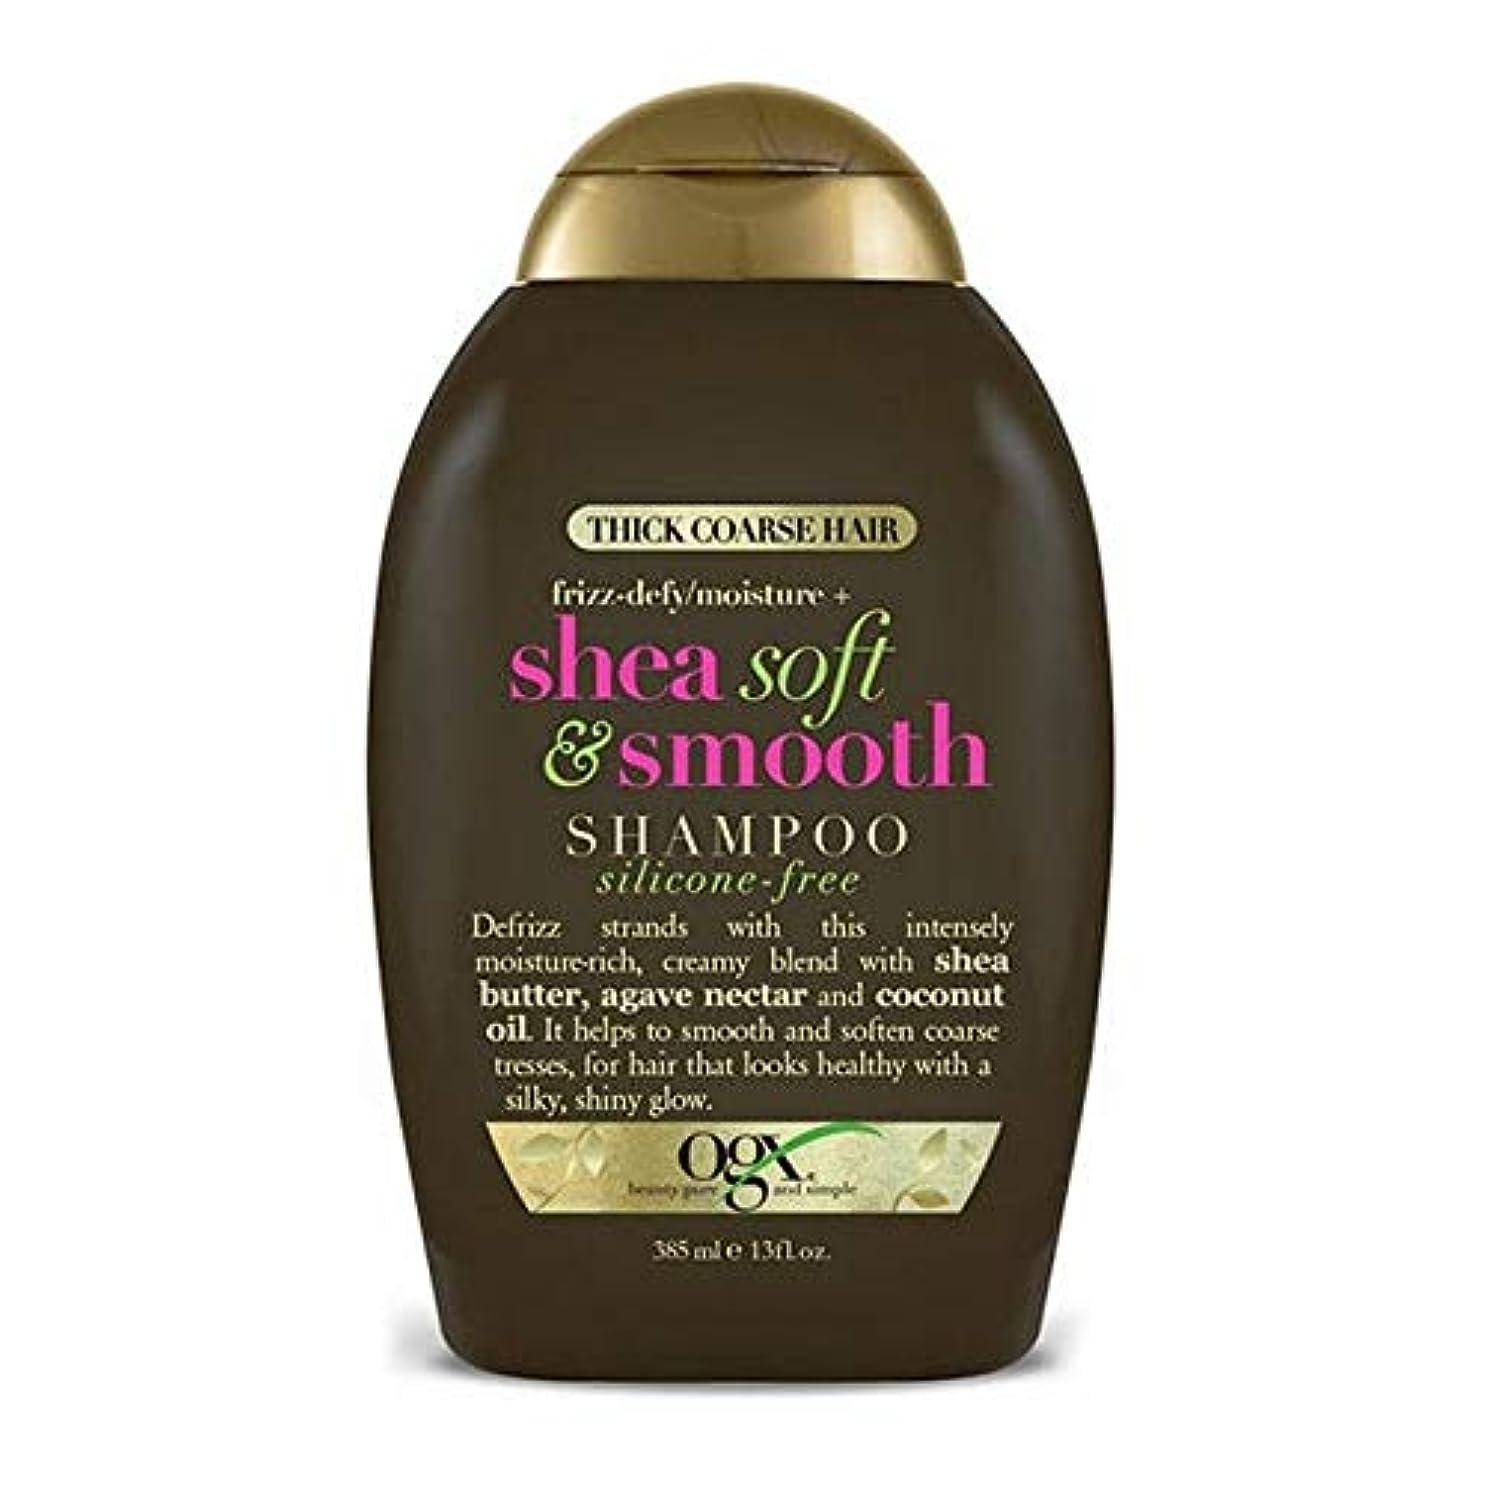 デジタルジョグ発火する[Ogx] Ogxシリコンフリーシアソフトで滑らかなシャンプー385ミリリットル - OGX Silicone-Free Shea Soft and Smooth Shampoo 385ml [並行輸入品]